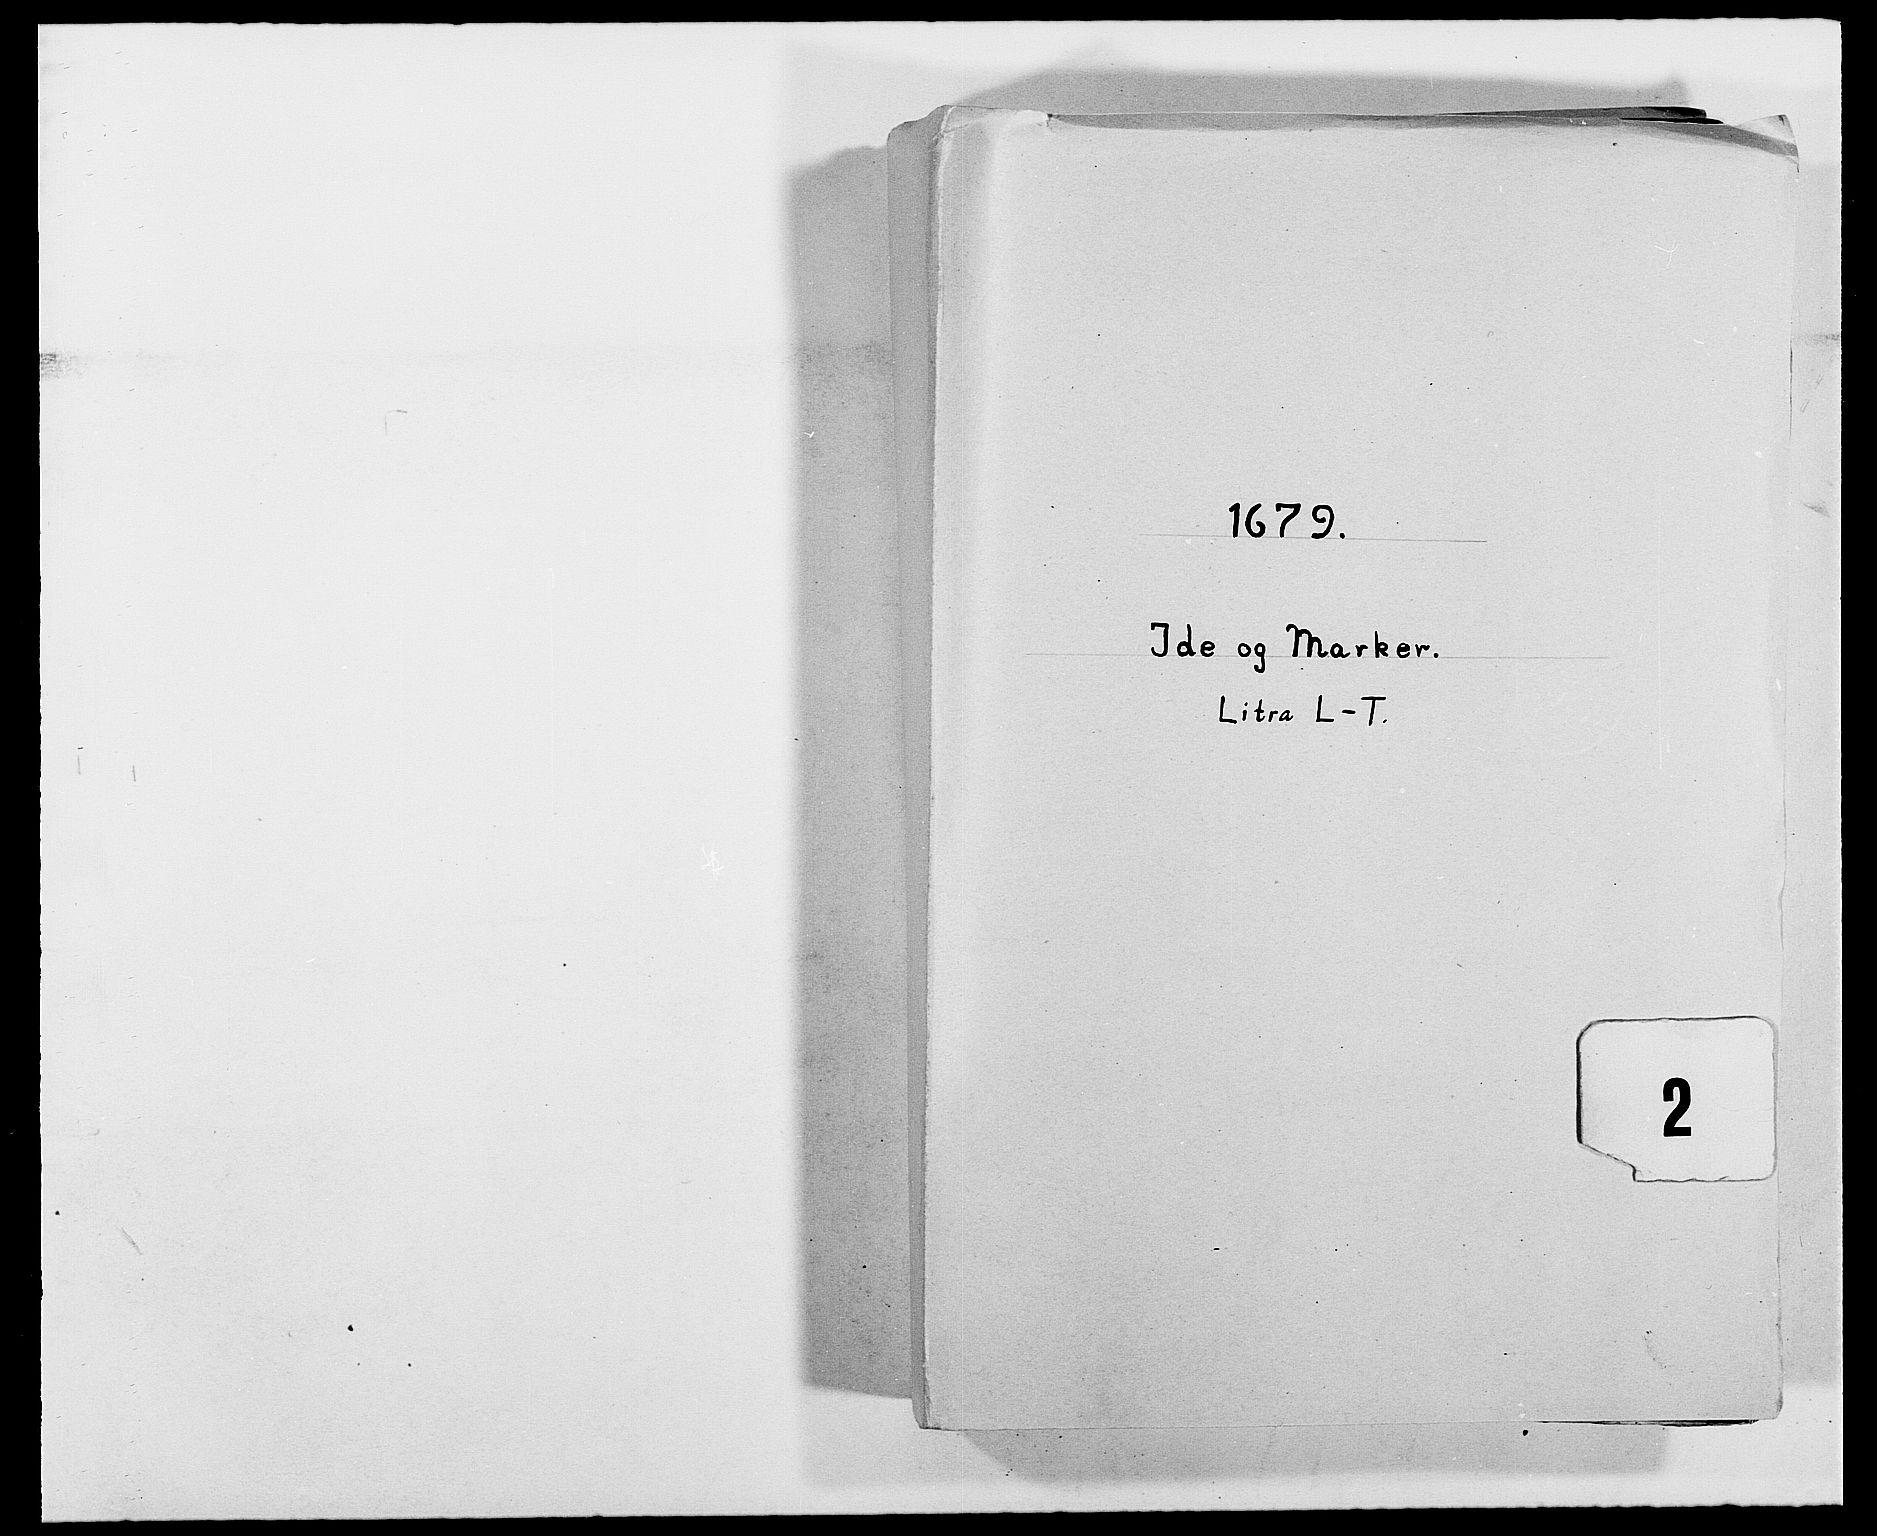 RA, Rentekammeret inntil 1814, Reviderte regnskaper, Fogderegnskap, R01/L0001: Fogderegnskap Idd og Marker, 1678-1679, s. 265